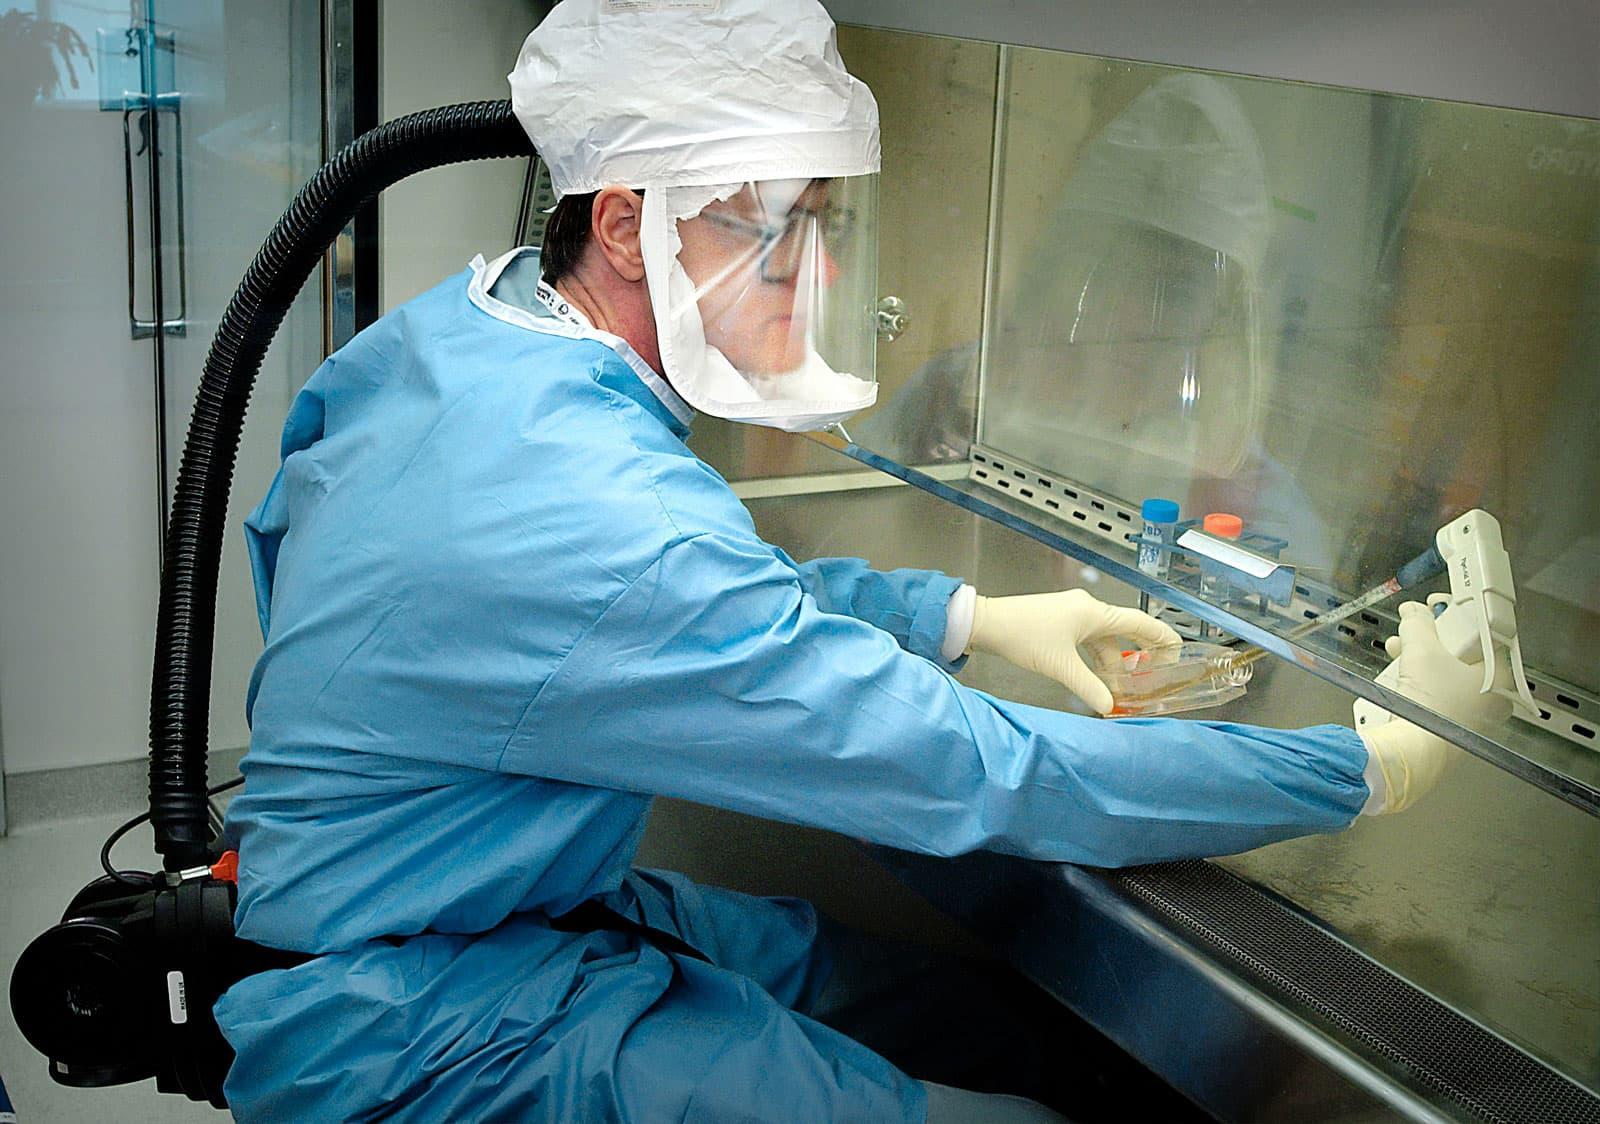 Un microbiólogo trabajando en la búsqueda de una vacuna en el Centro para el Control de Enfermedades (CDC) de Estados Unidos. Fotografía de CDC. Unsplash.